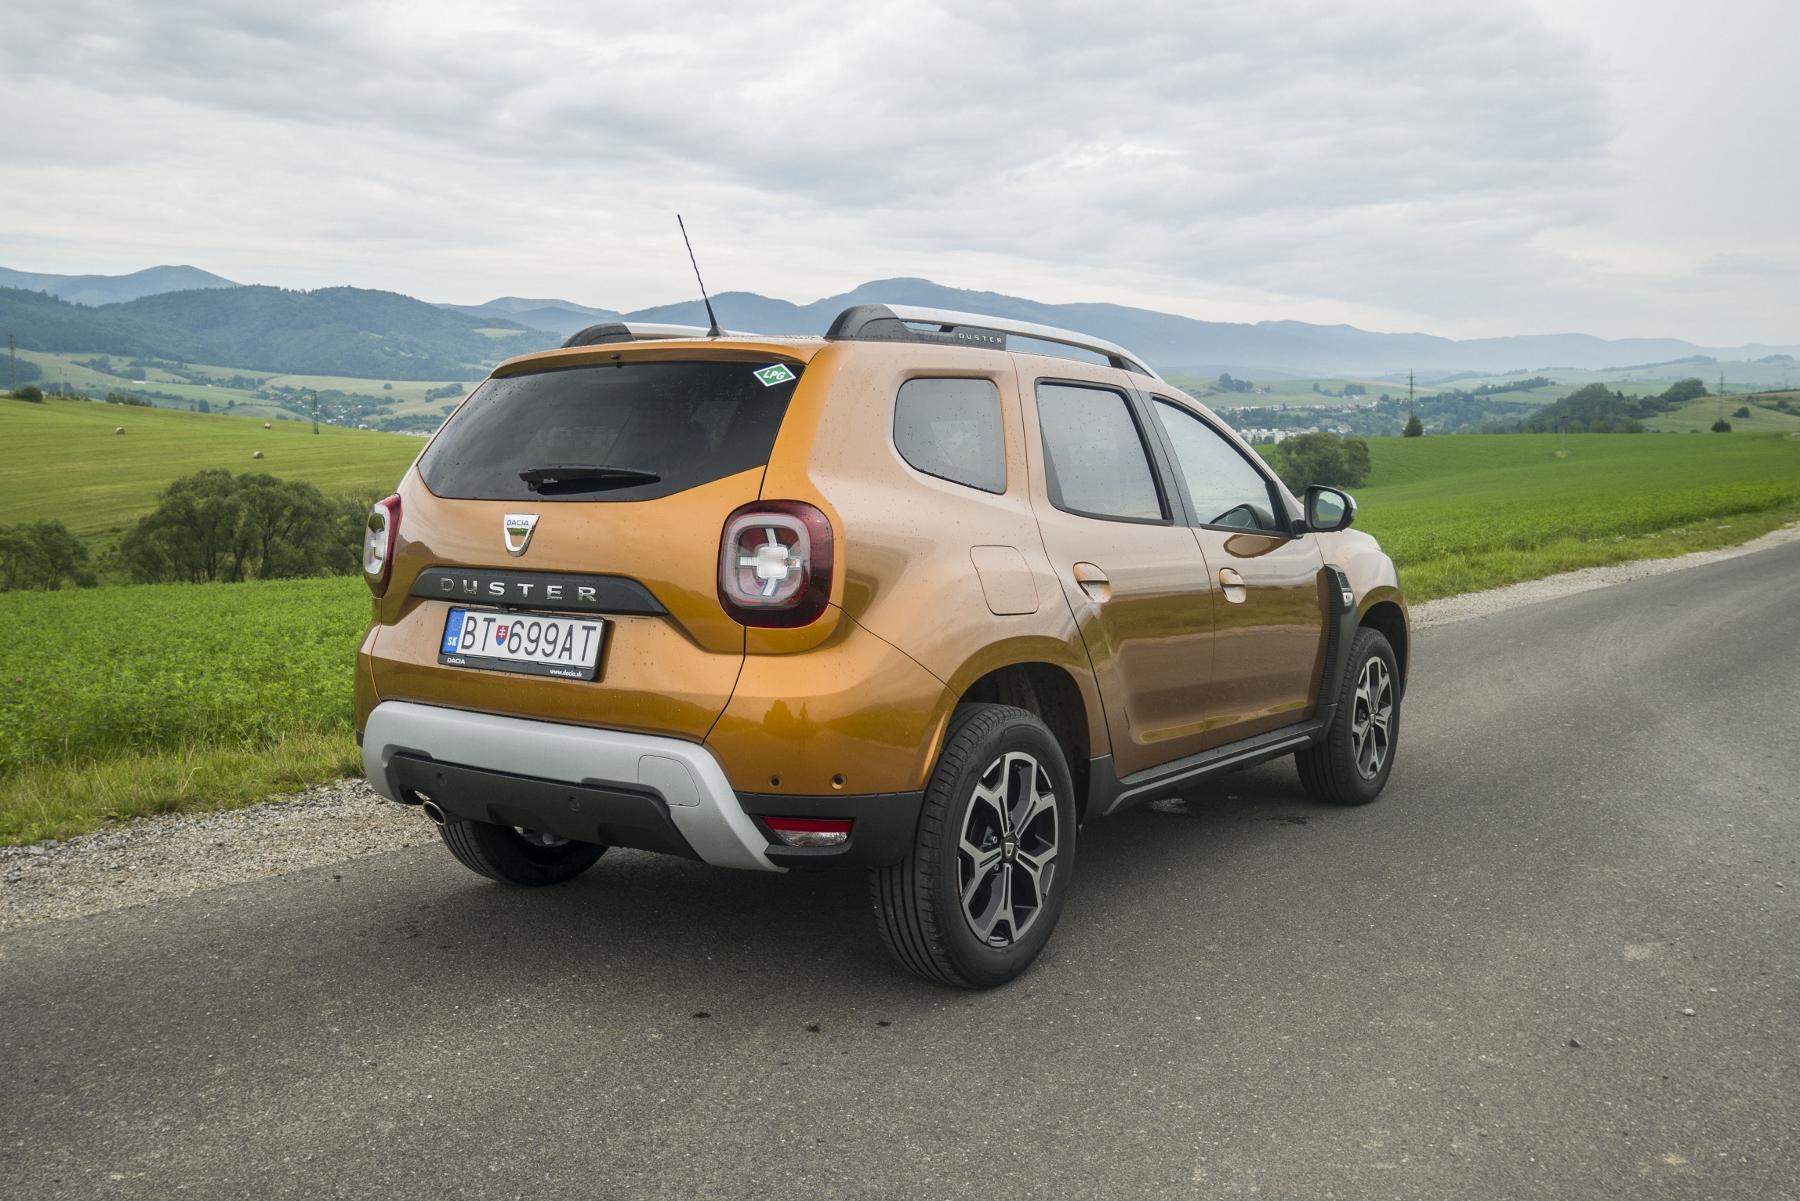 Test: Dacia Duster LPG je voľbou rozumu 6zcED2Ajte dacia-duster-lpg-9